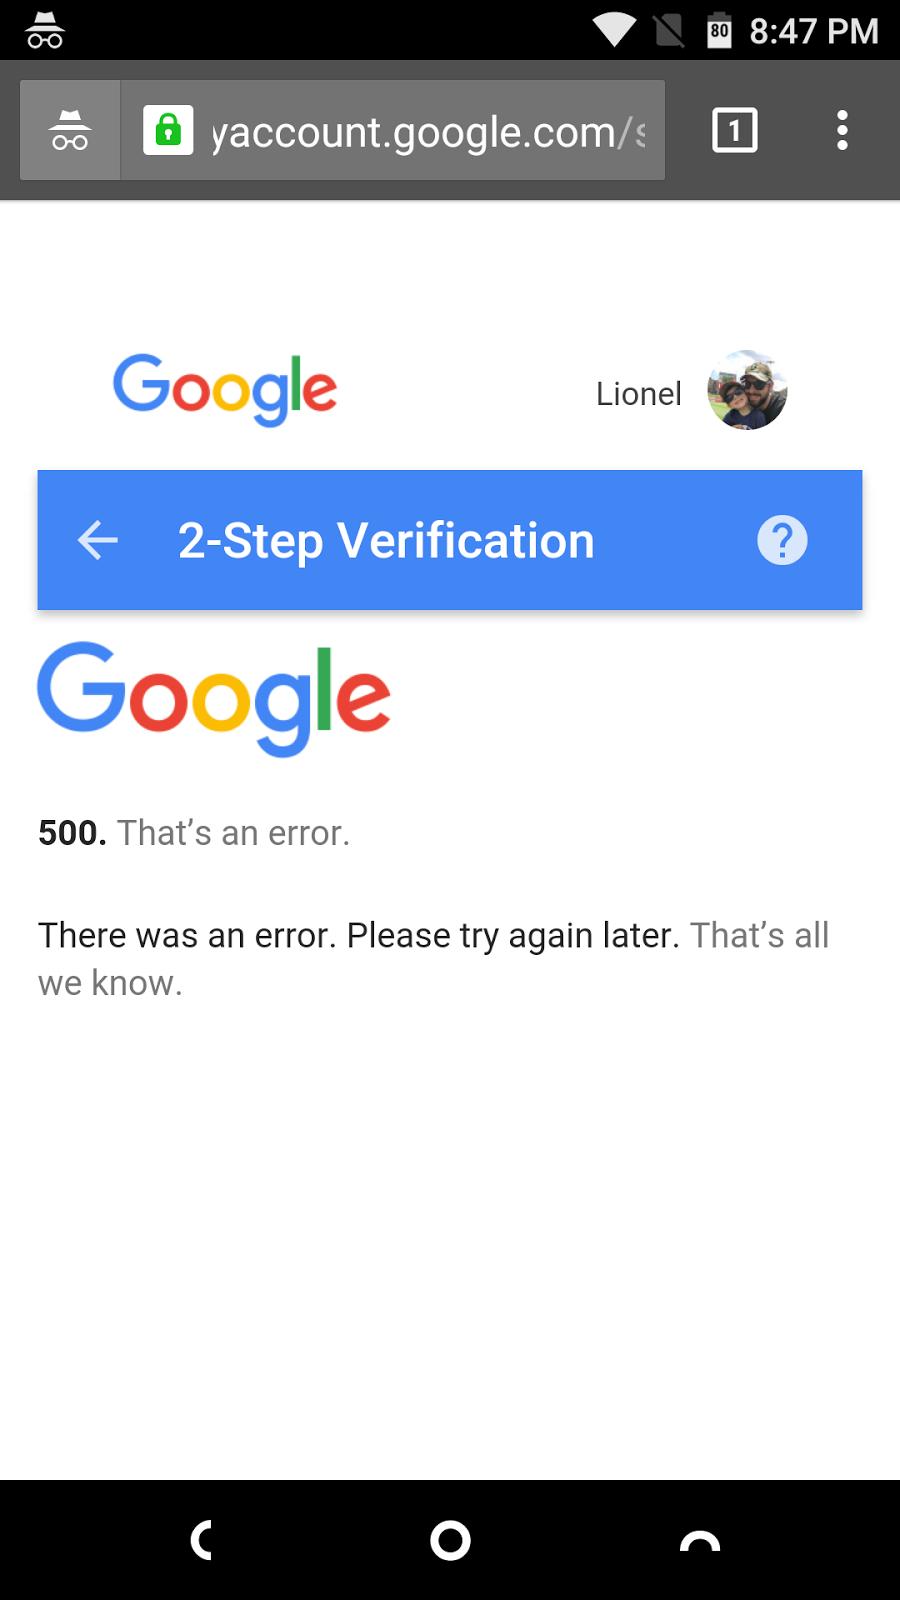 error 500 when attempting